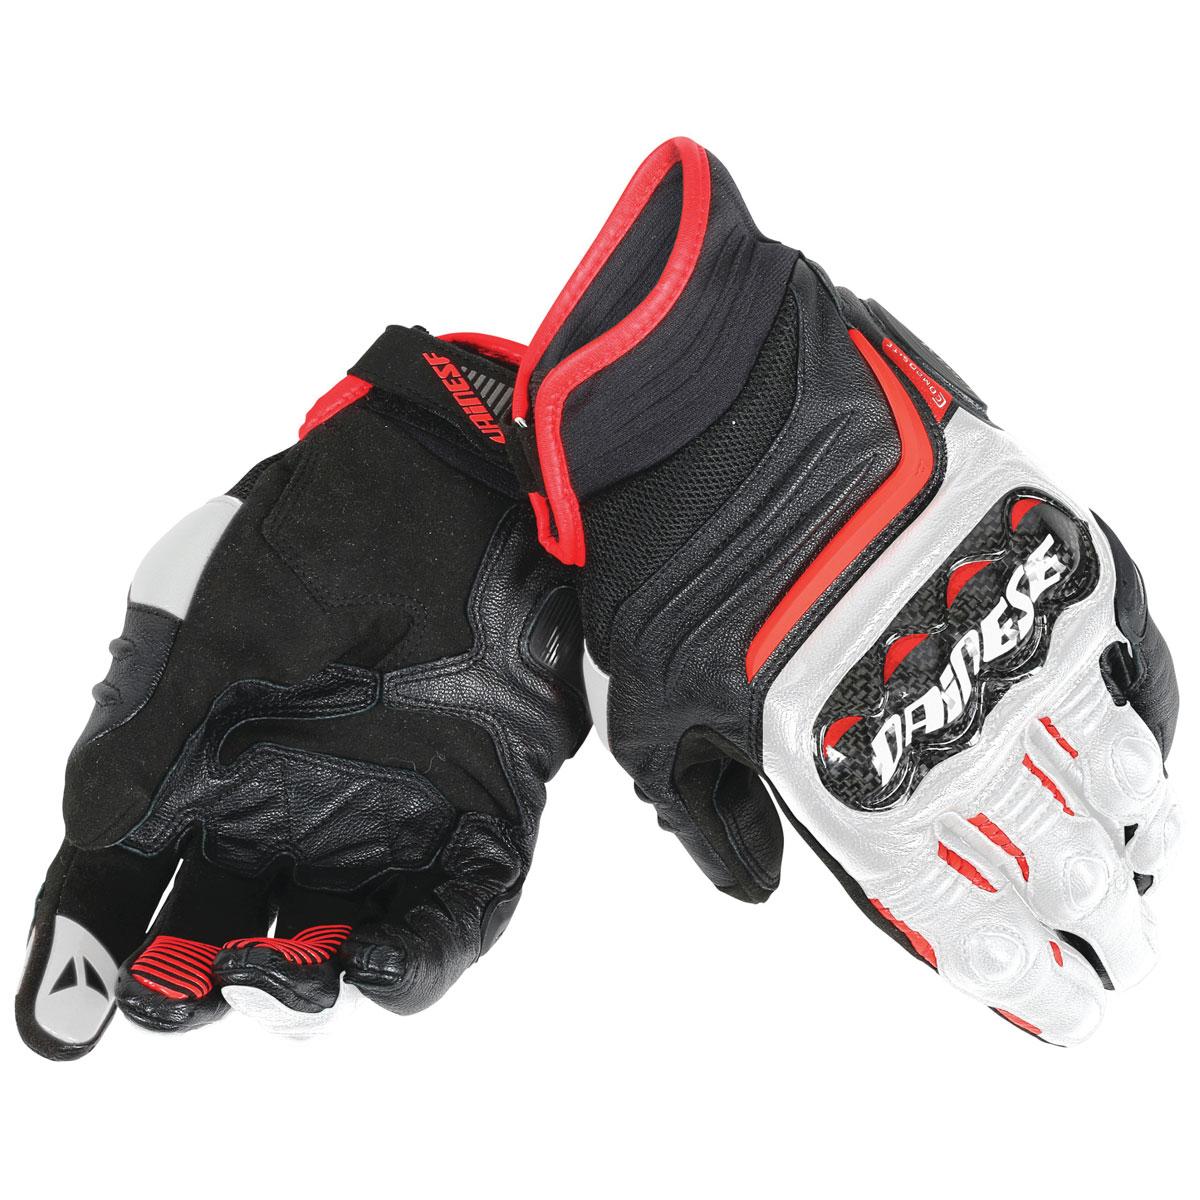 Dainese Men's Carbon D1 Short Black/White/Lava Red Gloves